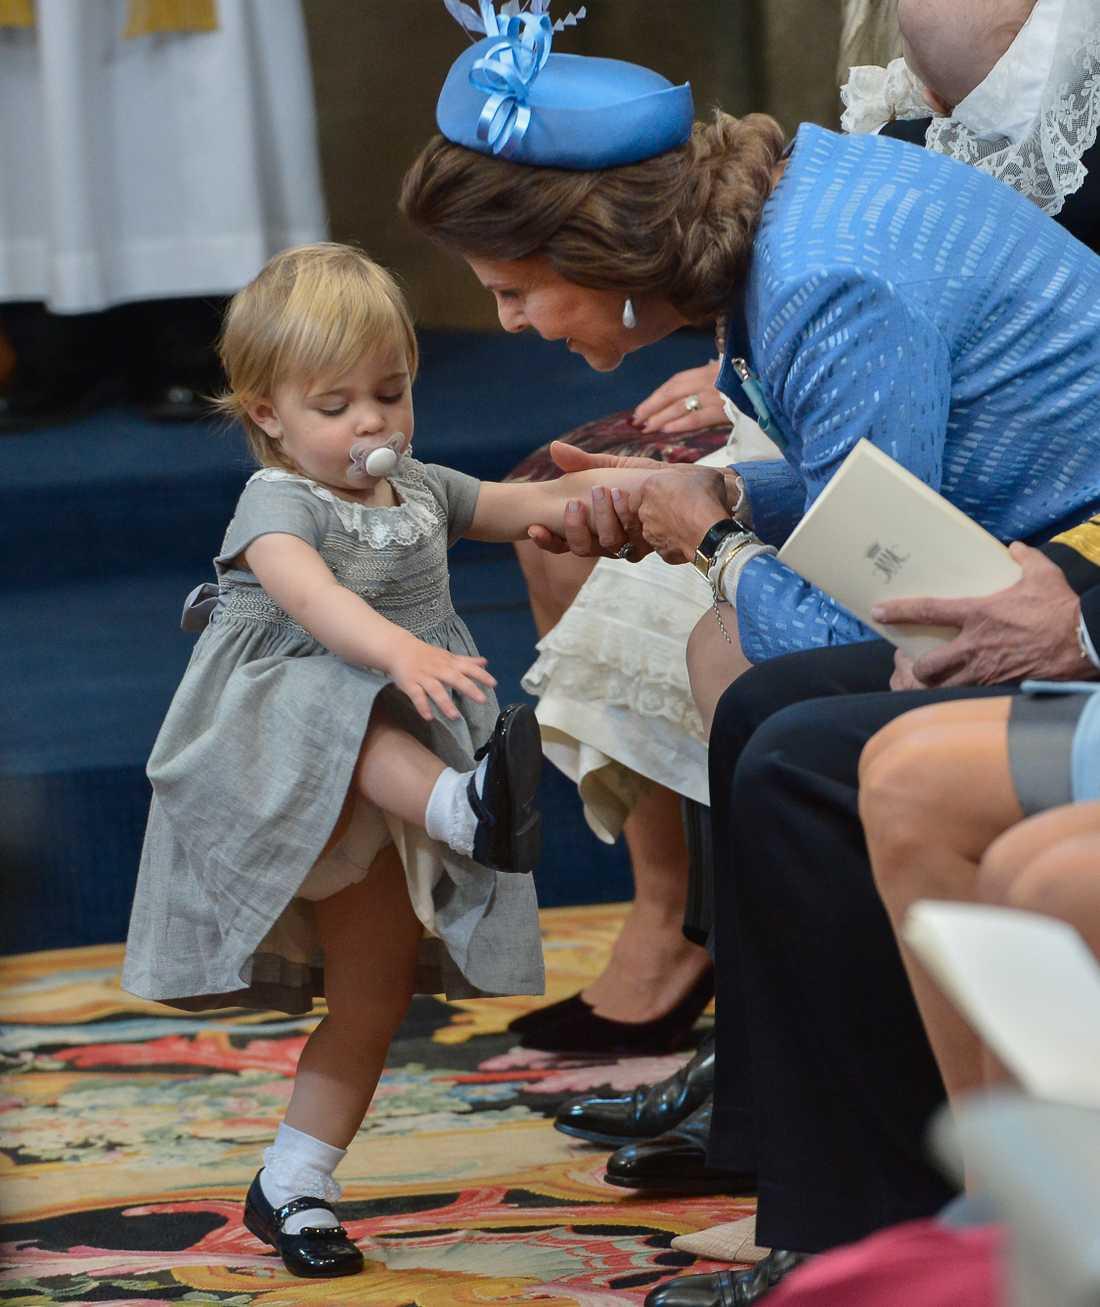 Prinsessan Leonore och drottning Silvia under prins Nicolas dop i Drottningholms slottskyrka 2015. För drottningen är det viktigt att barnen får vara med under dessa händelser – och det gör inget om de har lite spring i benen, tycker hon. Arkivbild.